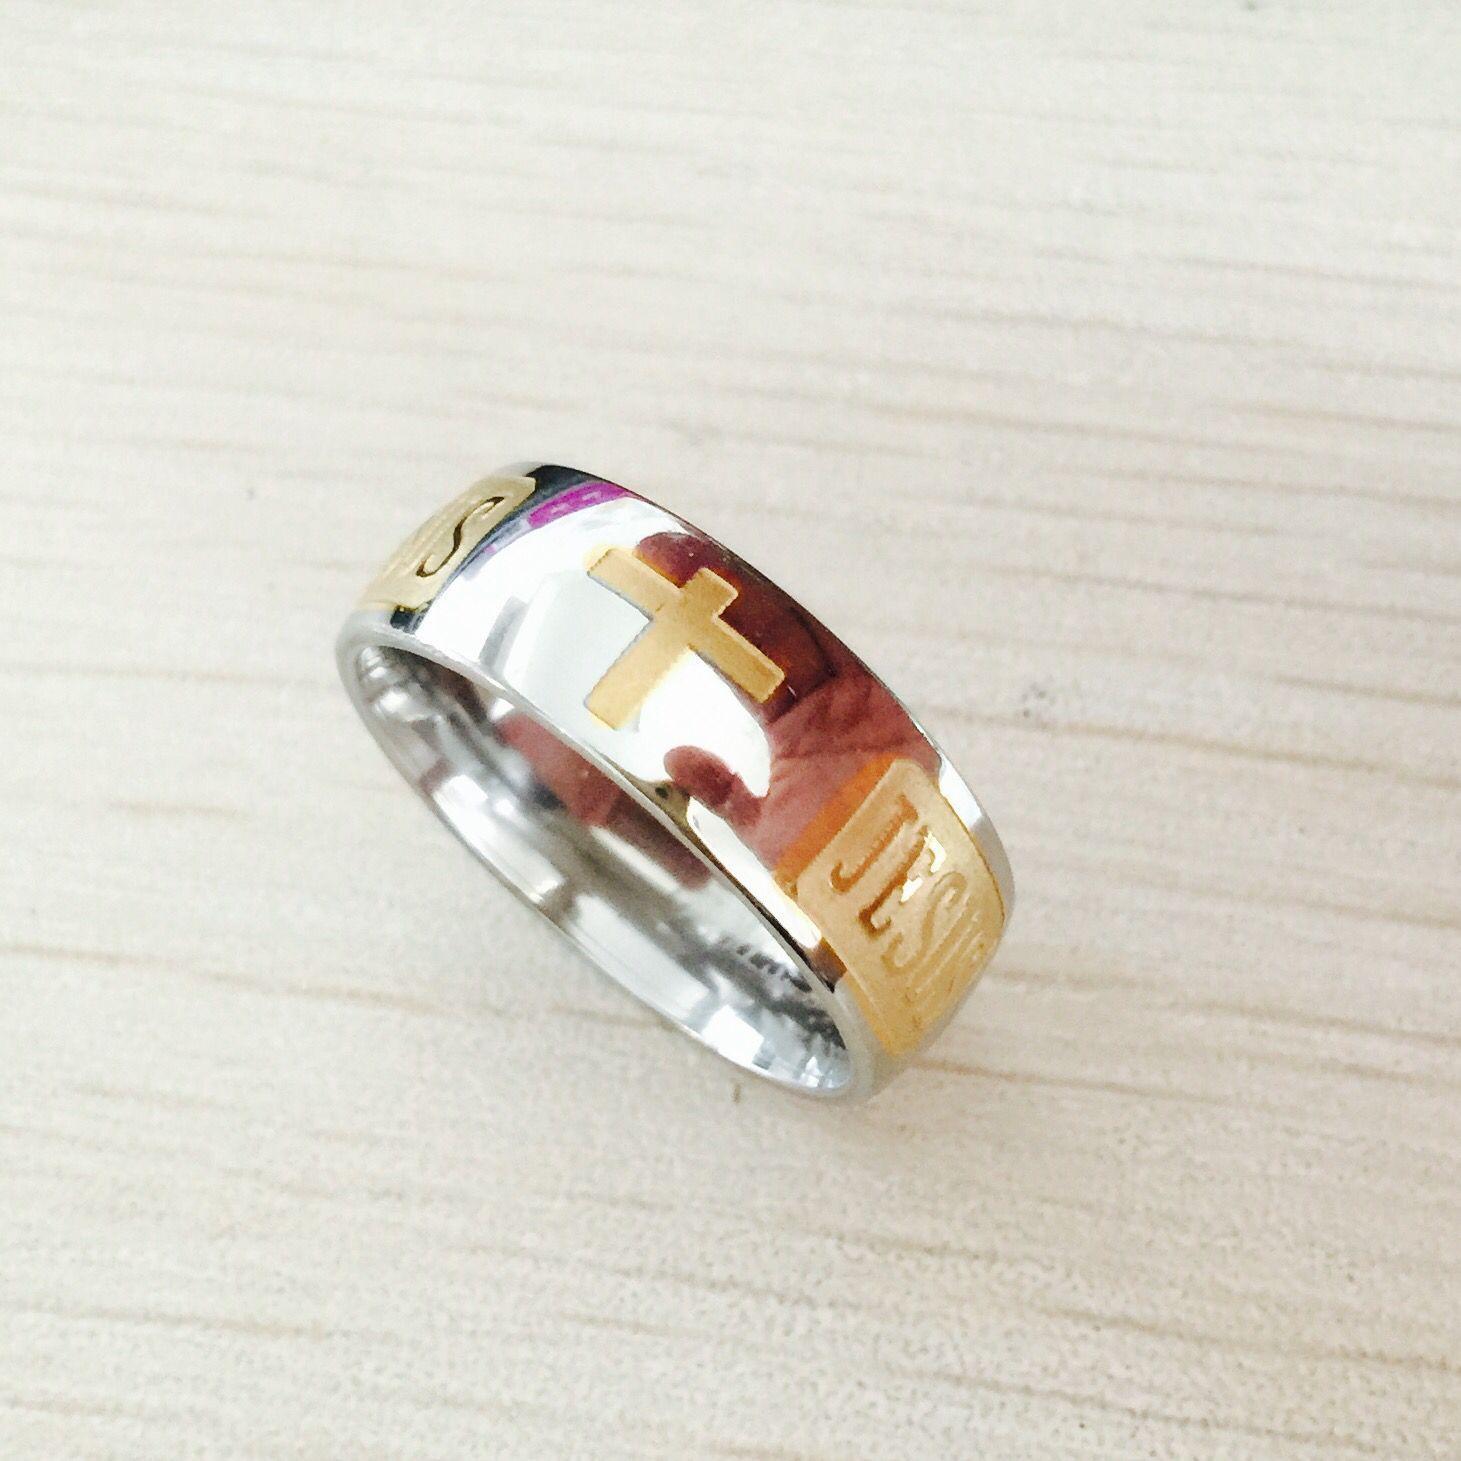 8mm in acciaio al titanio 316 placcato in oro argento anello cristiano gesù croce lettera bibbia argento fede nuziale anello uomo donna